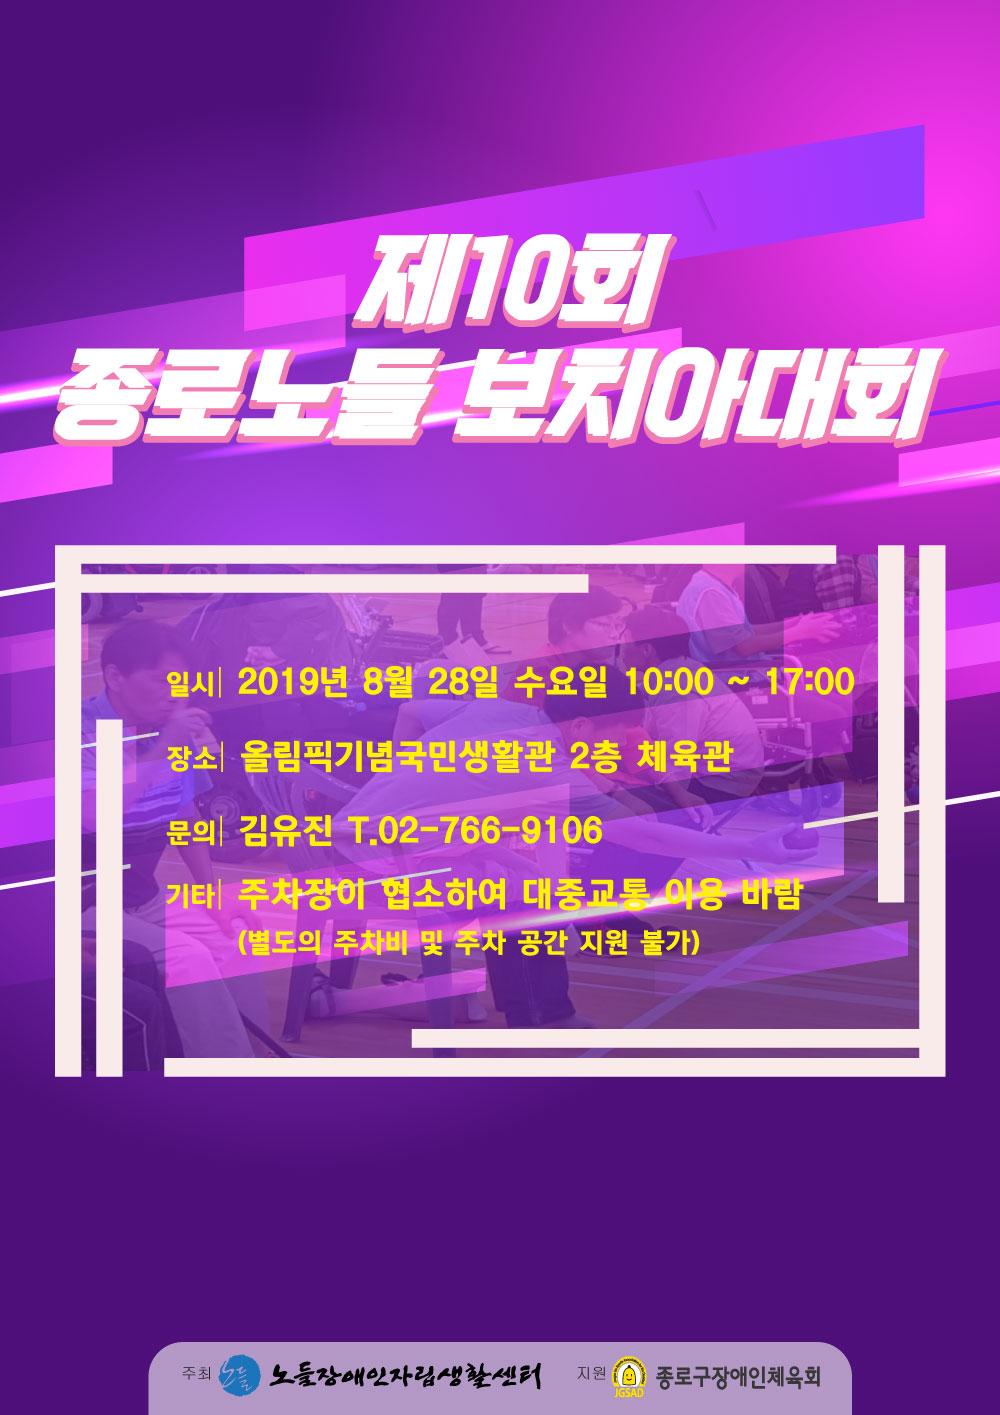 2019년-보치아대회.jpg